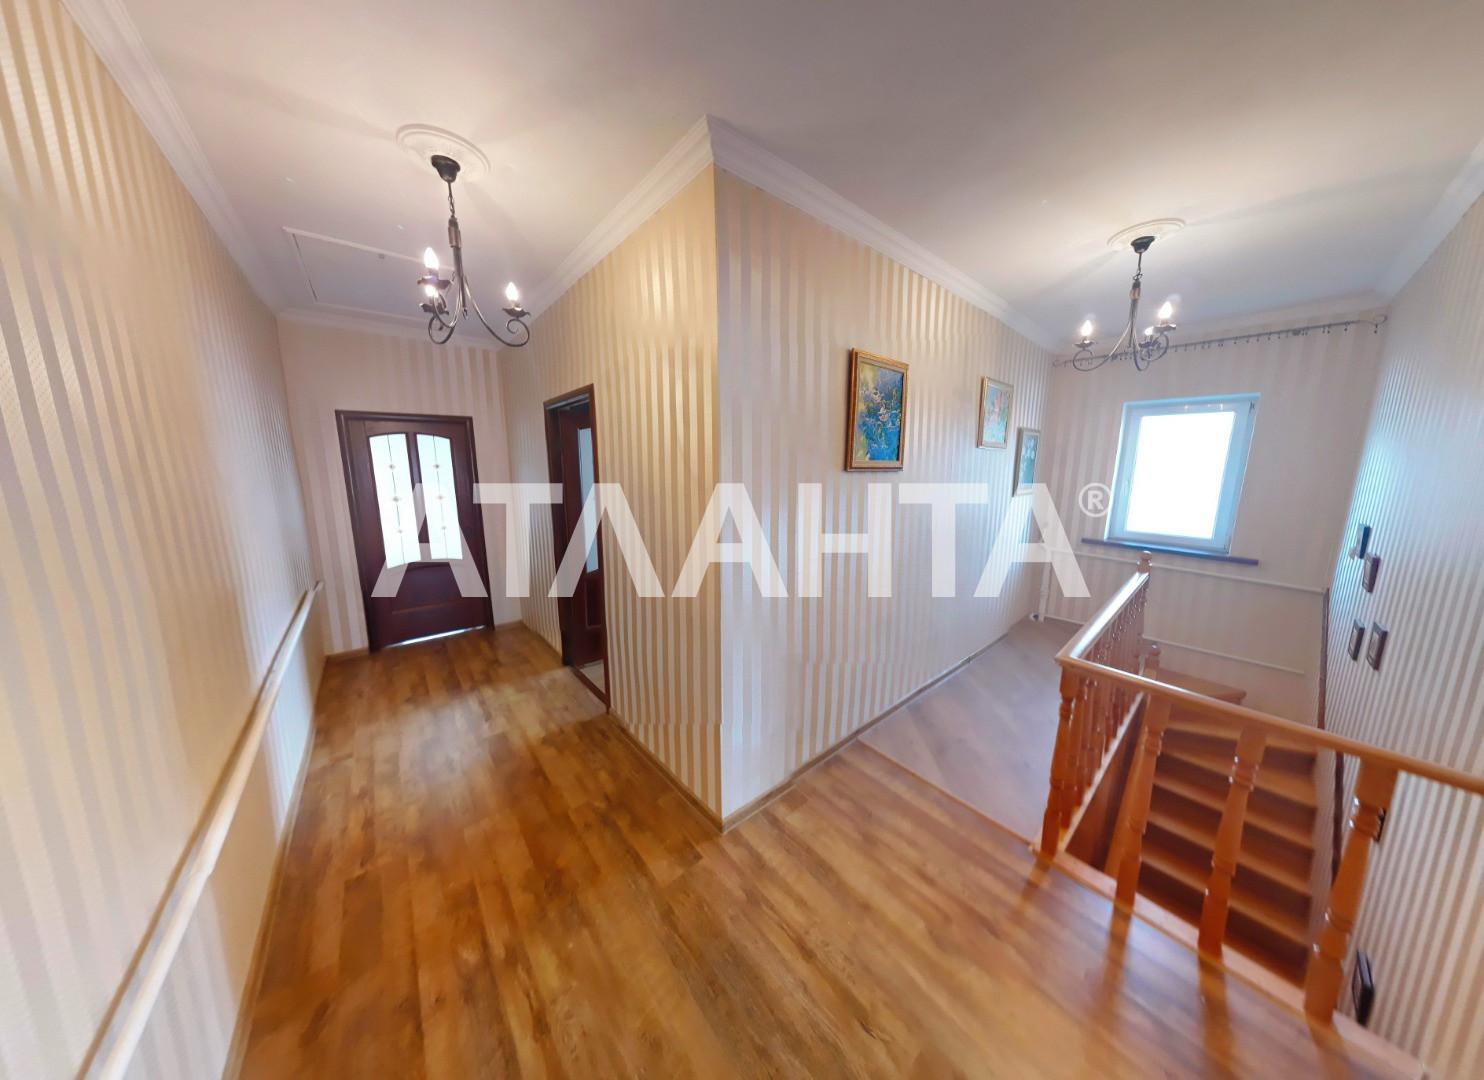 Продается Дом на ул. Циолковского — 67 000 у.е. (фото №11)